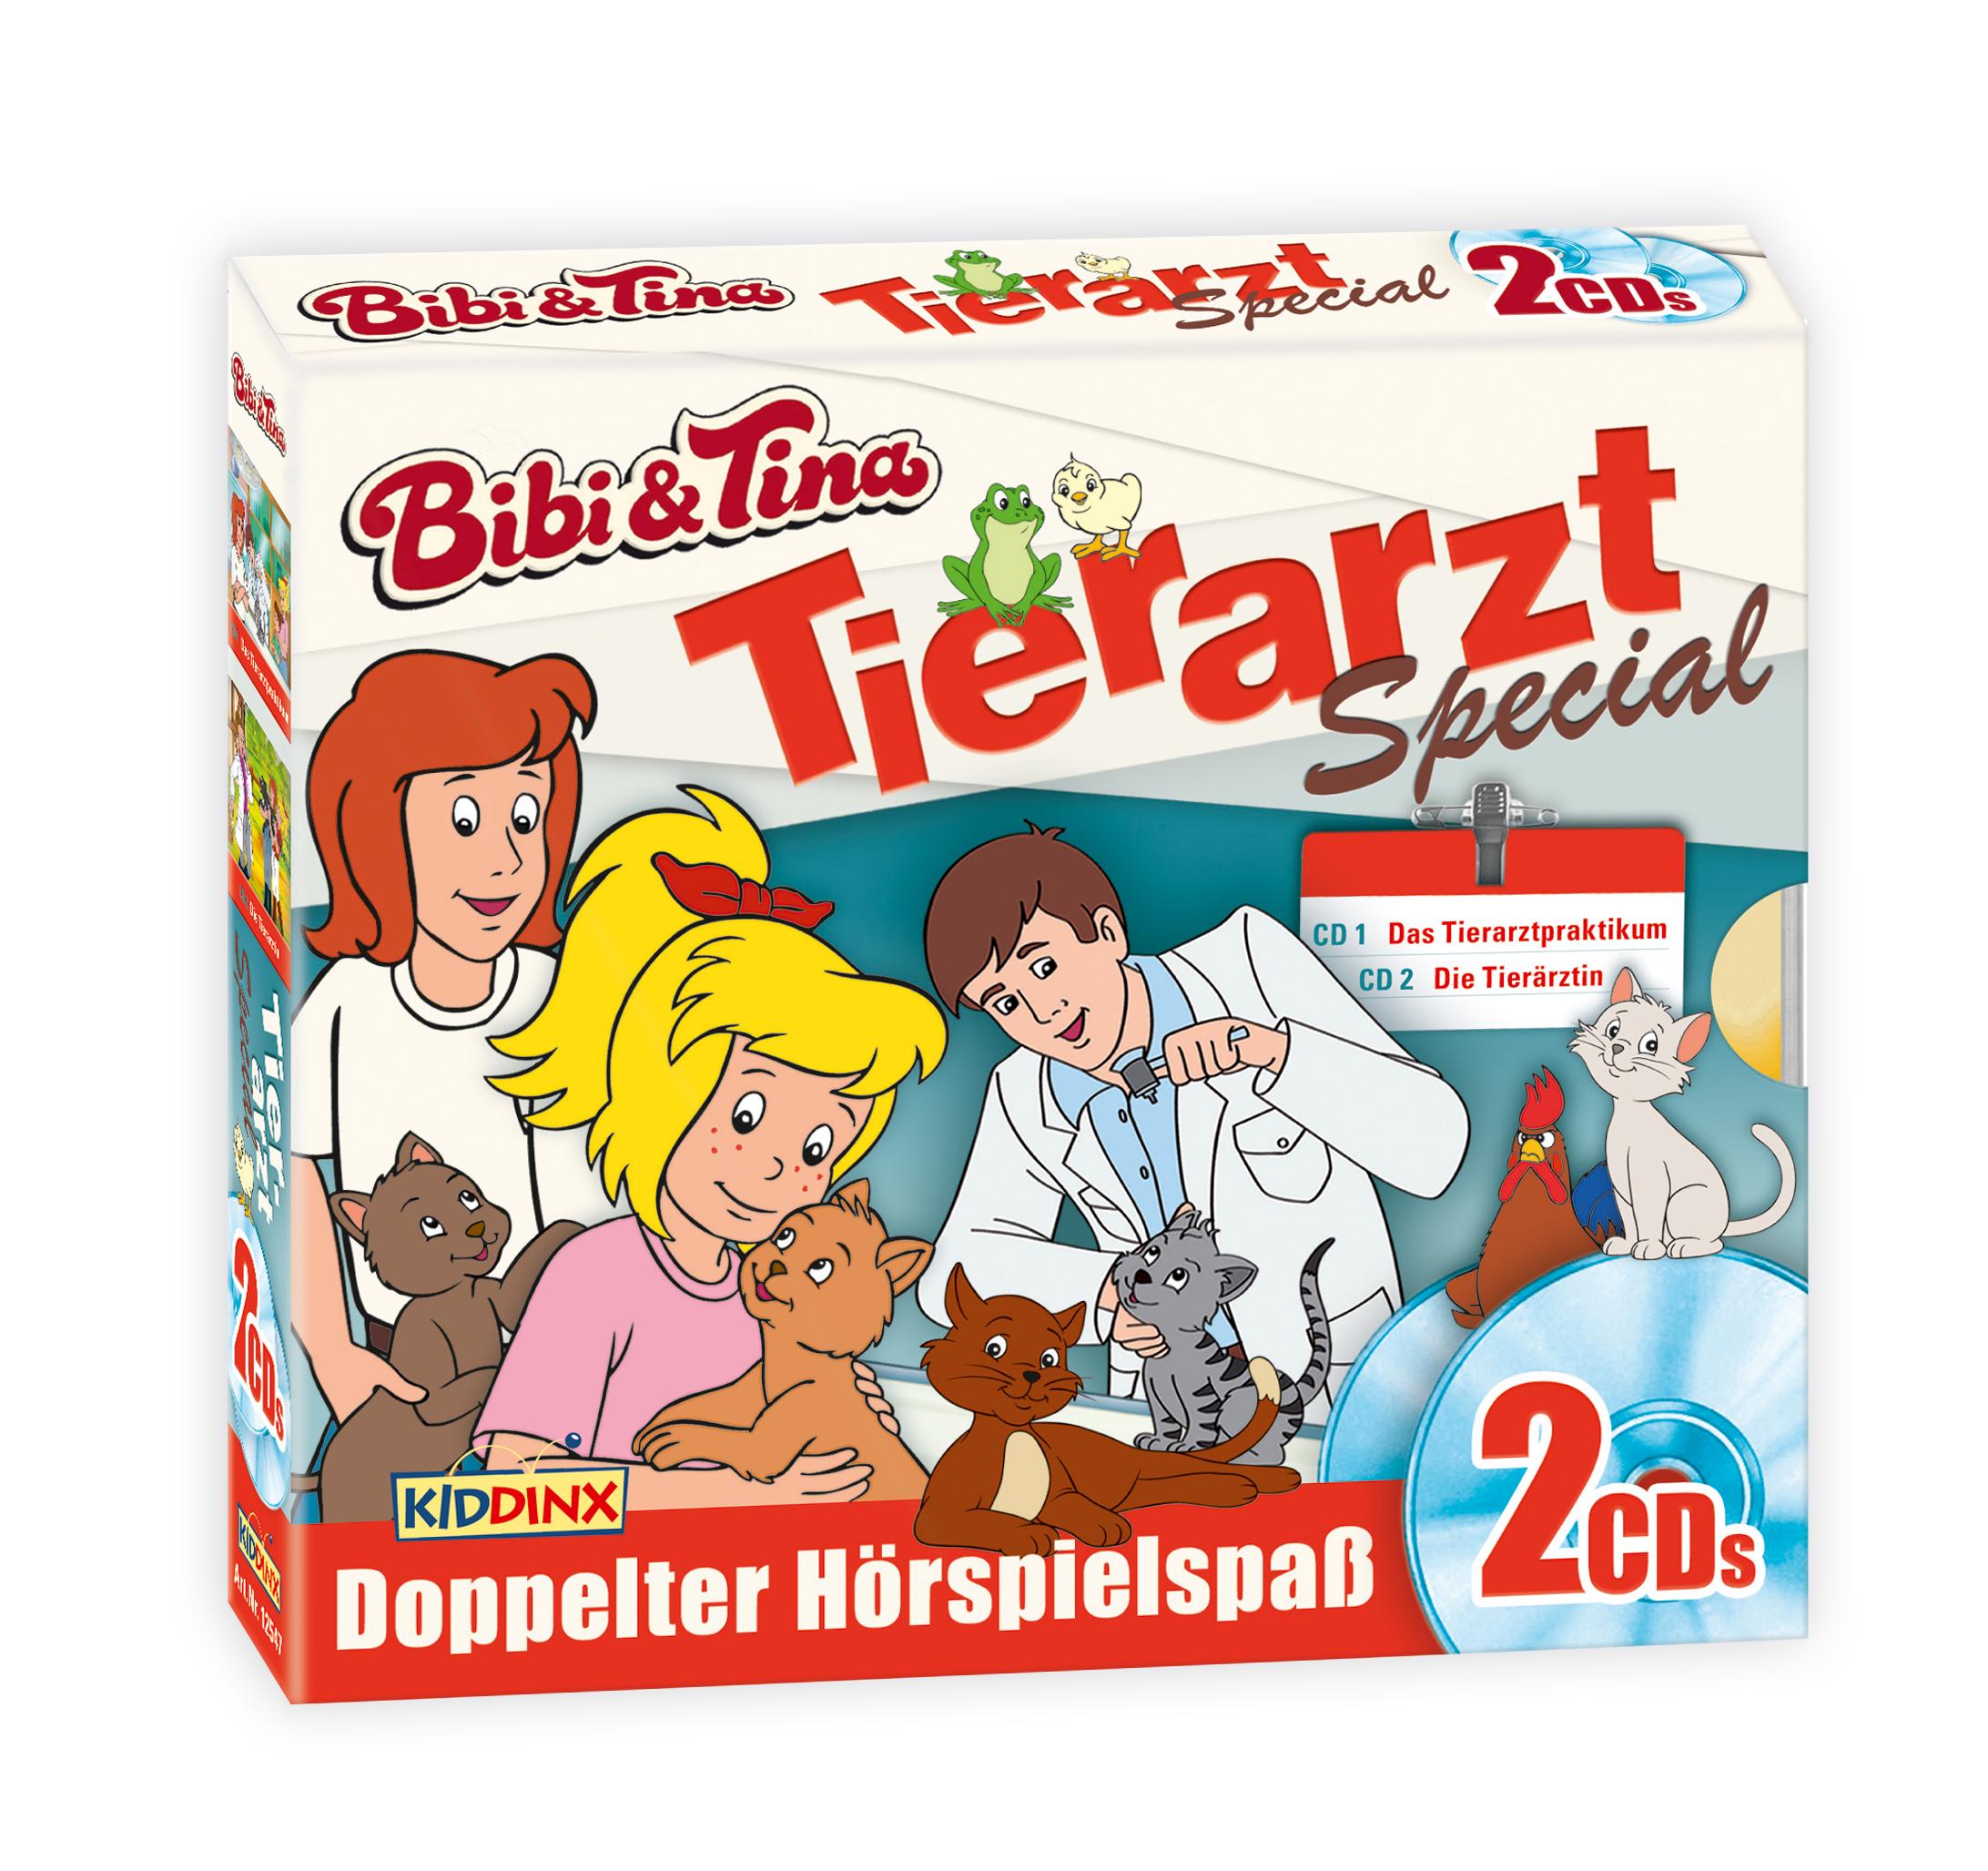 Bibi & Tina: 2er CD-Box (Tierarzt-Special)